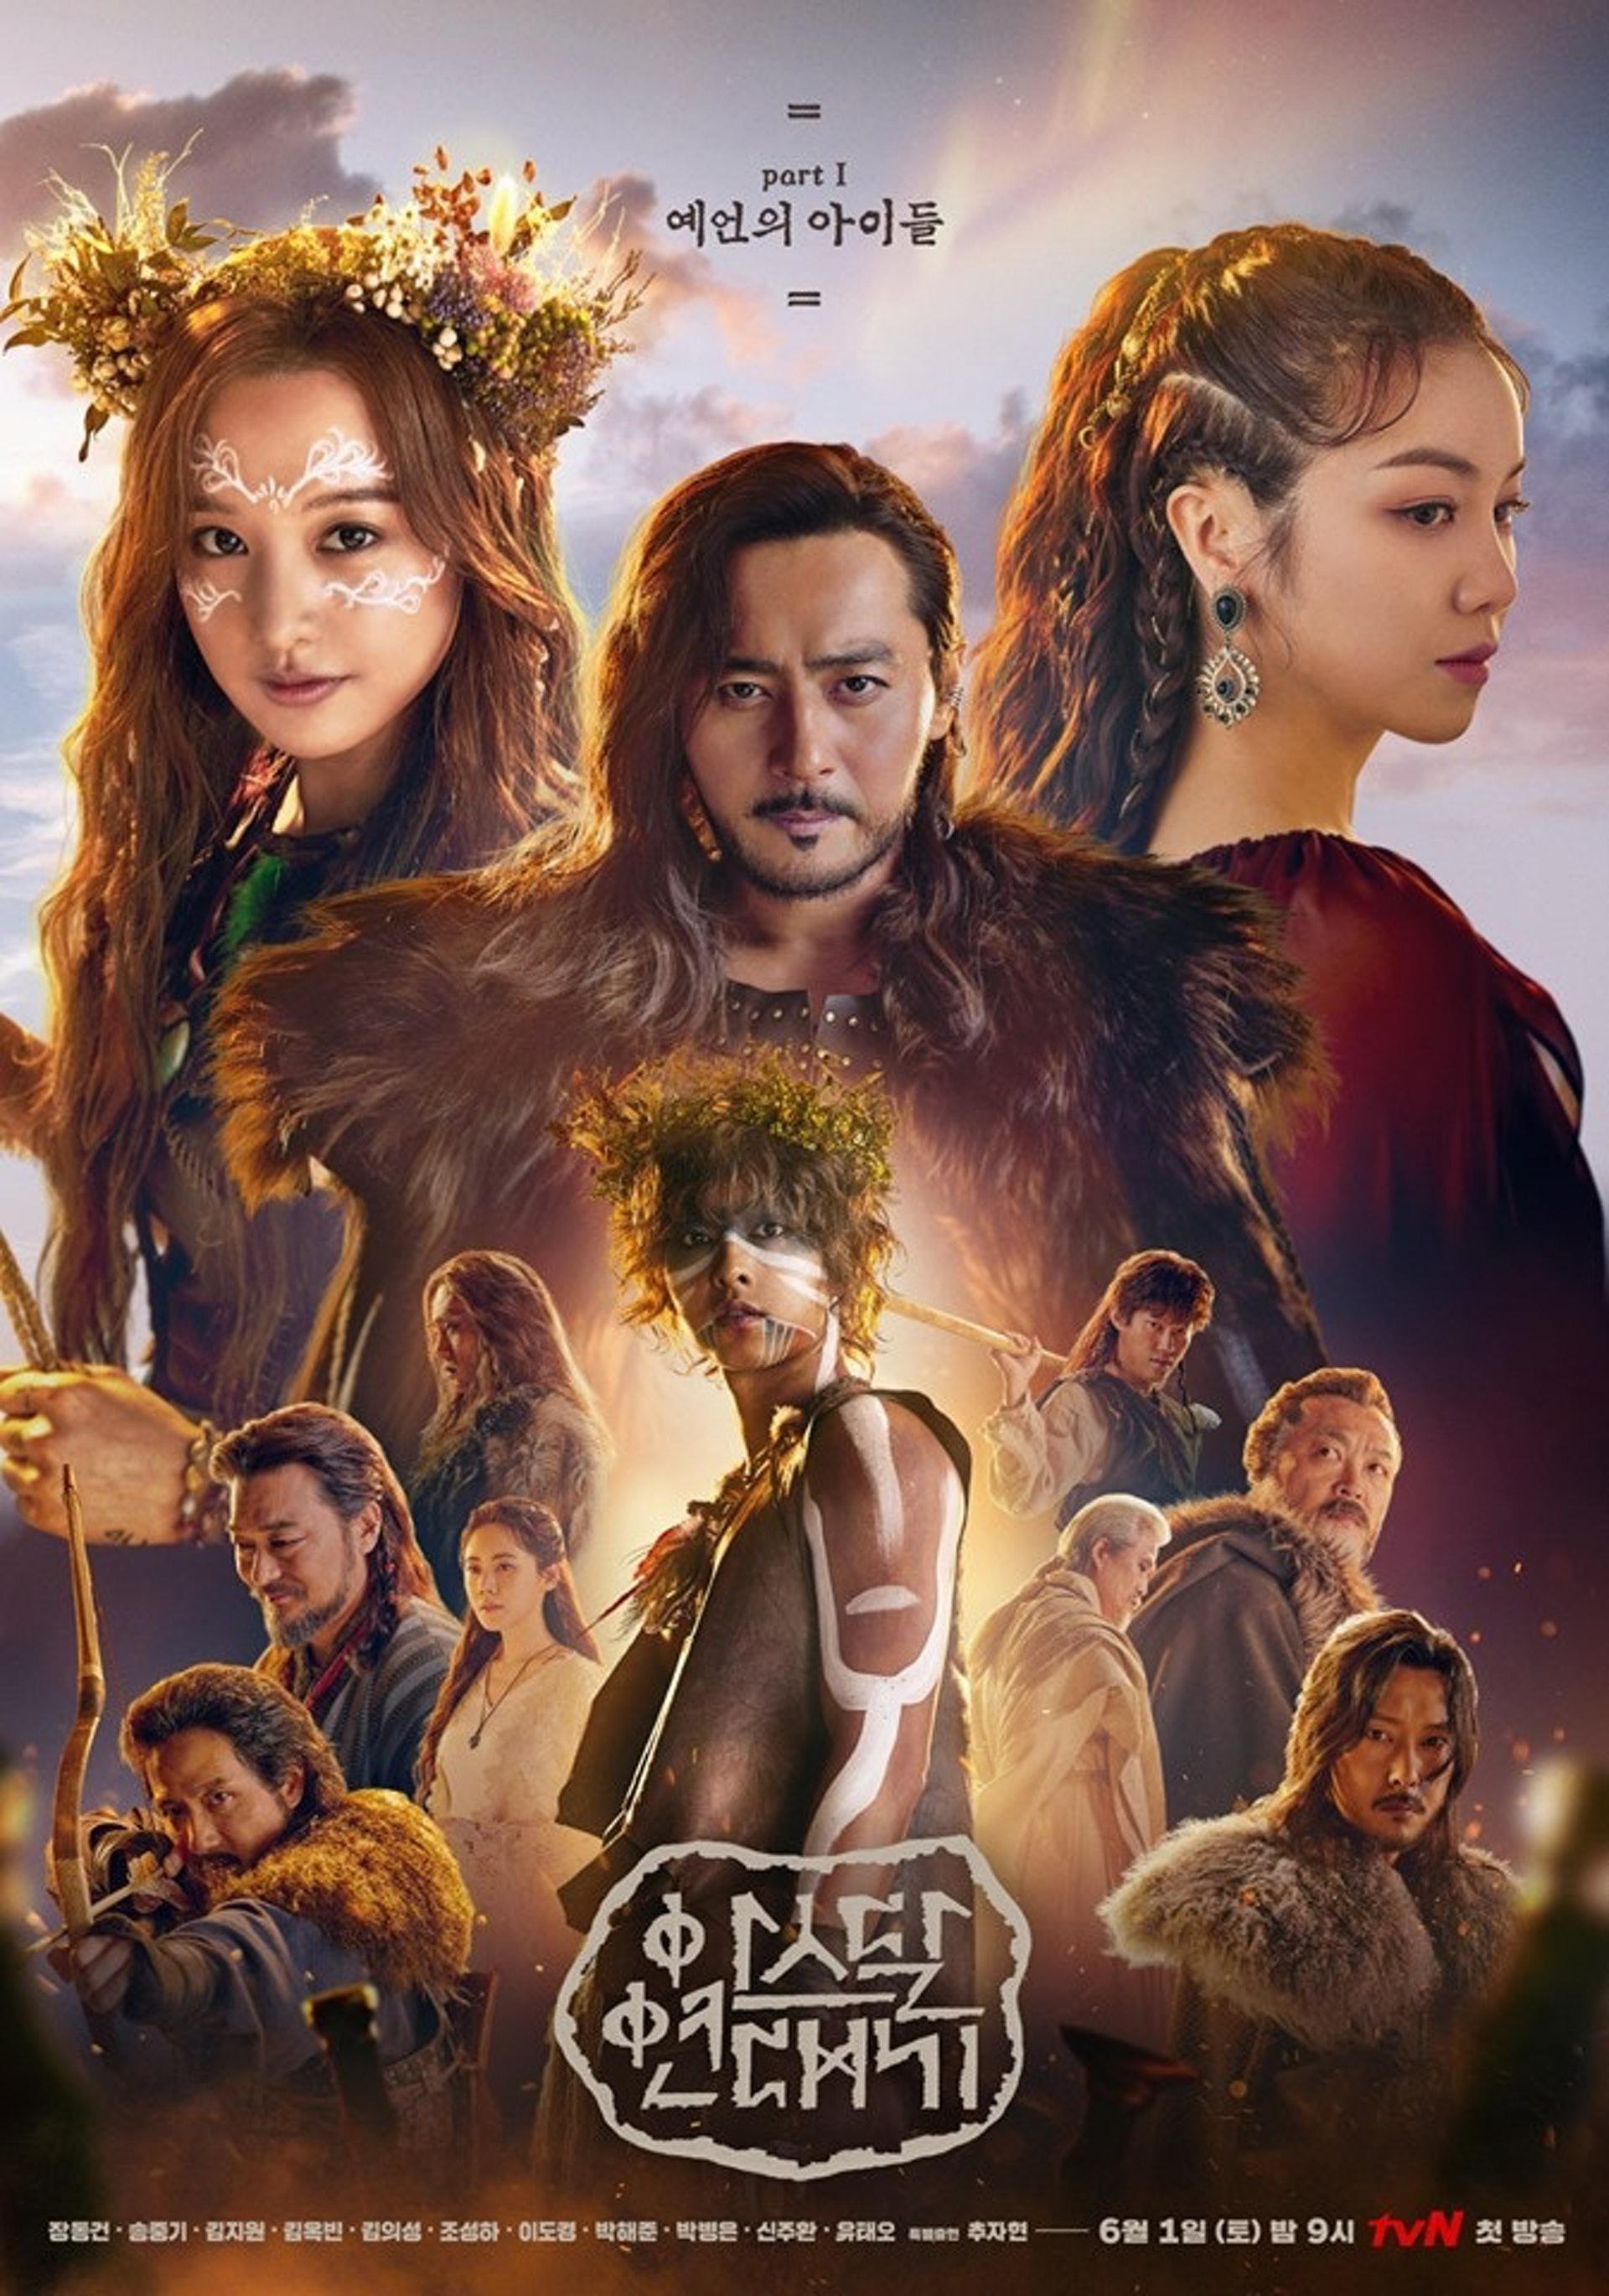 phim hàn quốc hay 2019